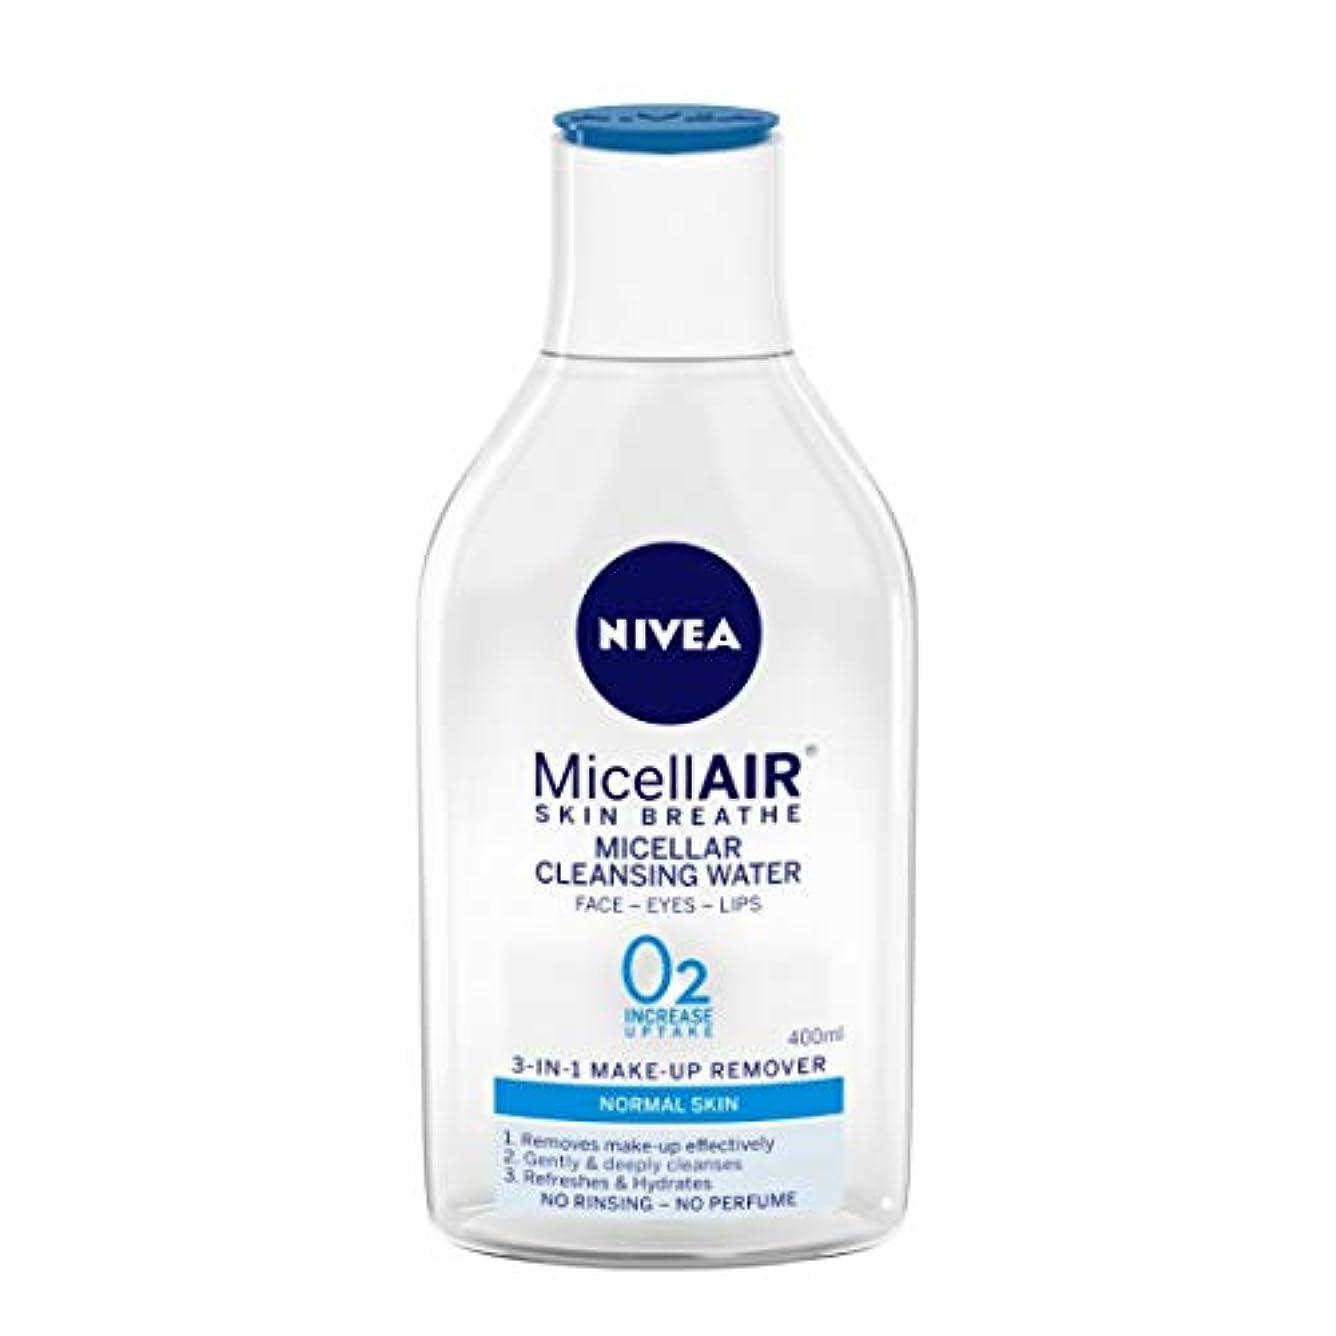 主張するマニフェスト読むNIVEA Micellar Cleansing Water, MicellAIR Skin Breathe Make Up Remover, 400ml